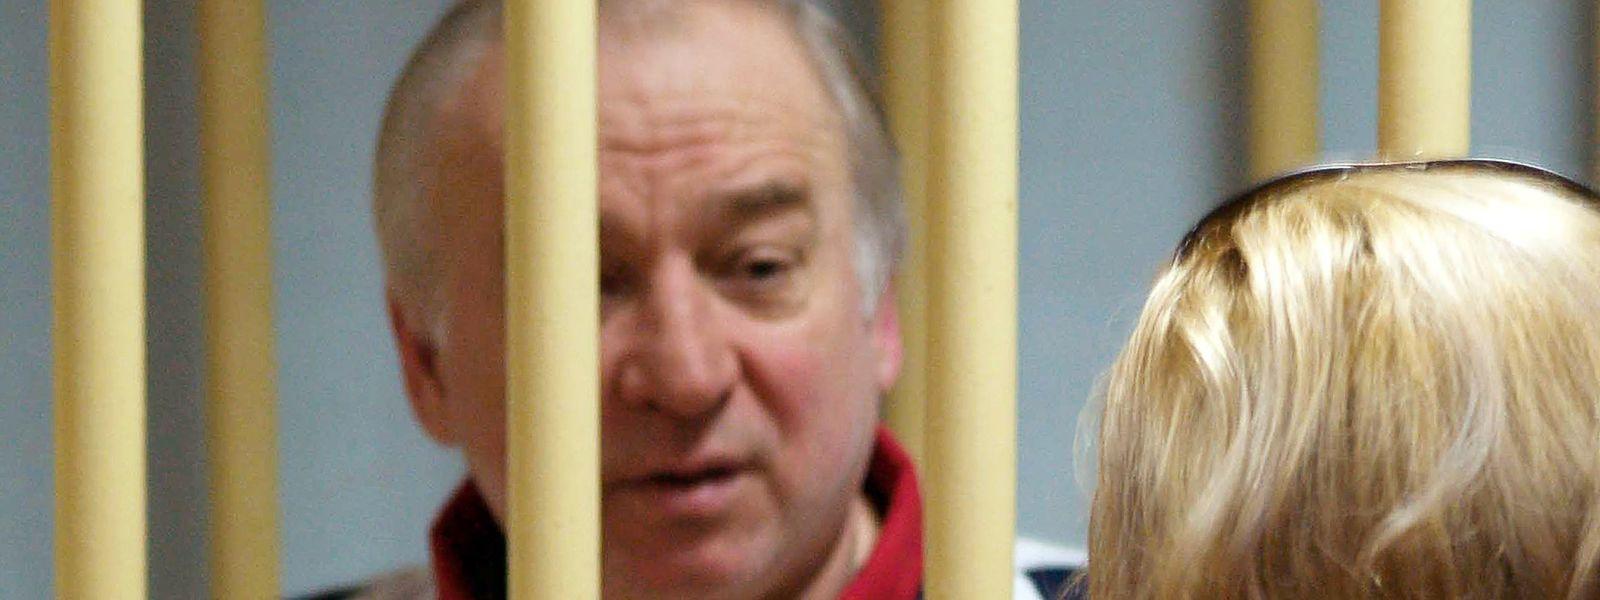 A sa sortie de l'hôpital, Ioulia Skripal avait décliné l'aide consulaire russe, selon la police britannique.